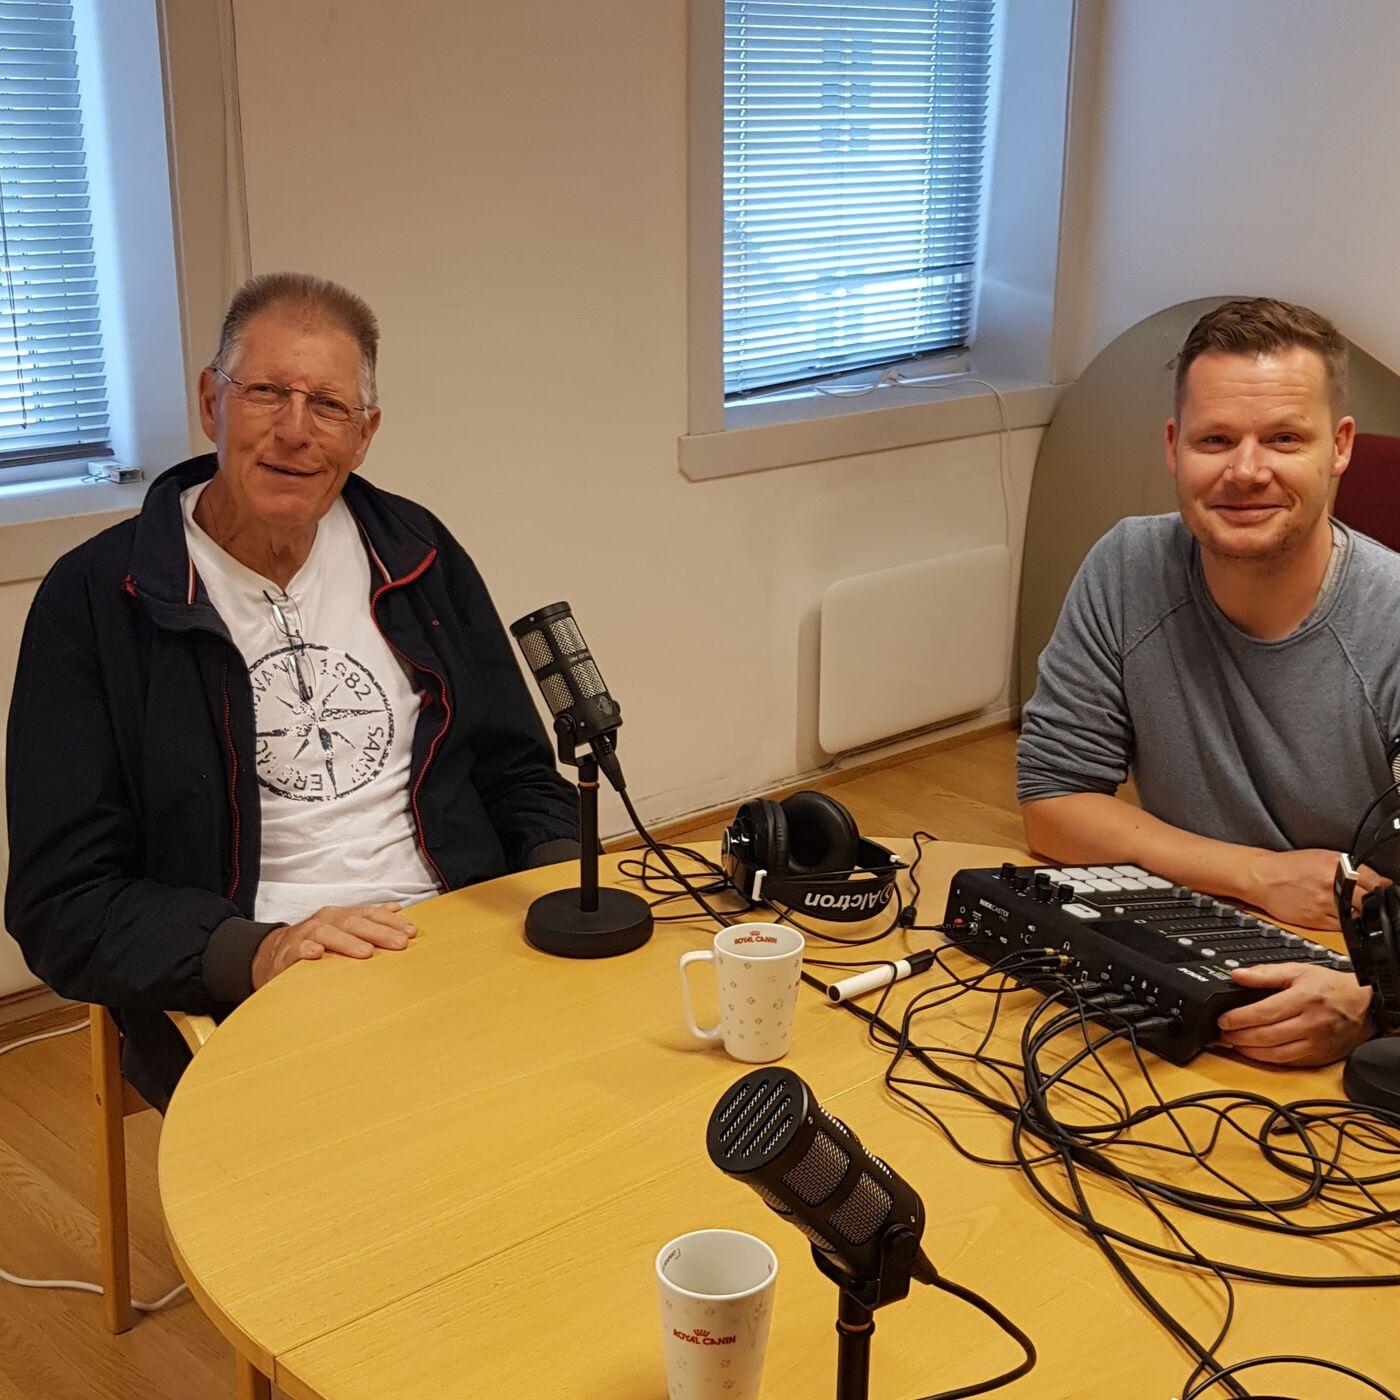 Episode 5: Flersenterkommunen og krig med Jarlsberg Avis - gjest: Claes Giljam